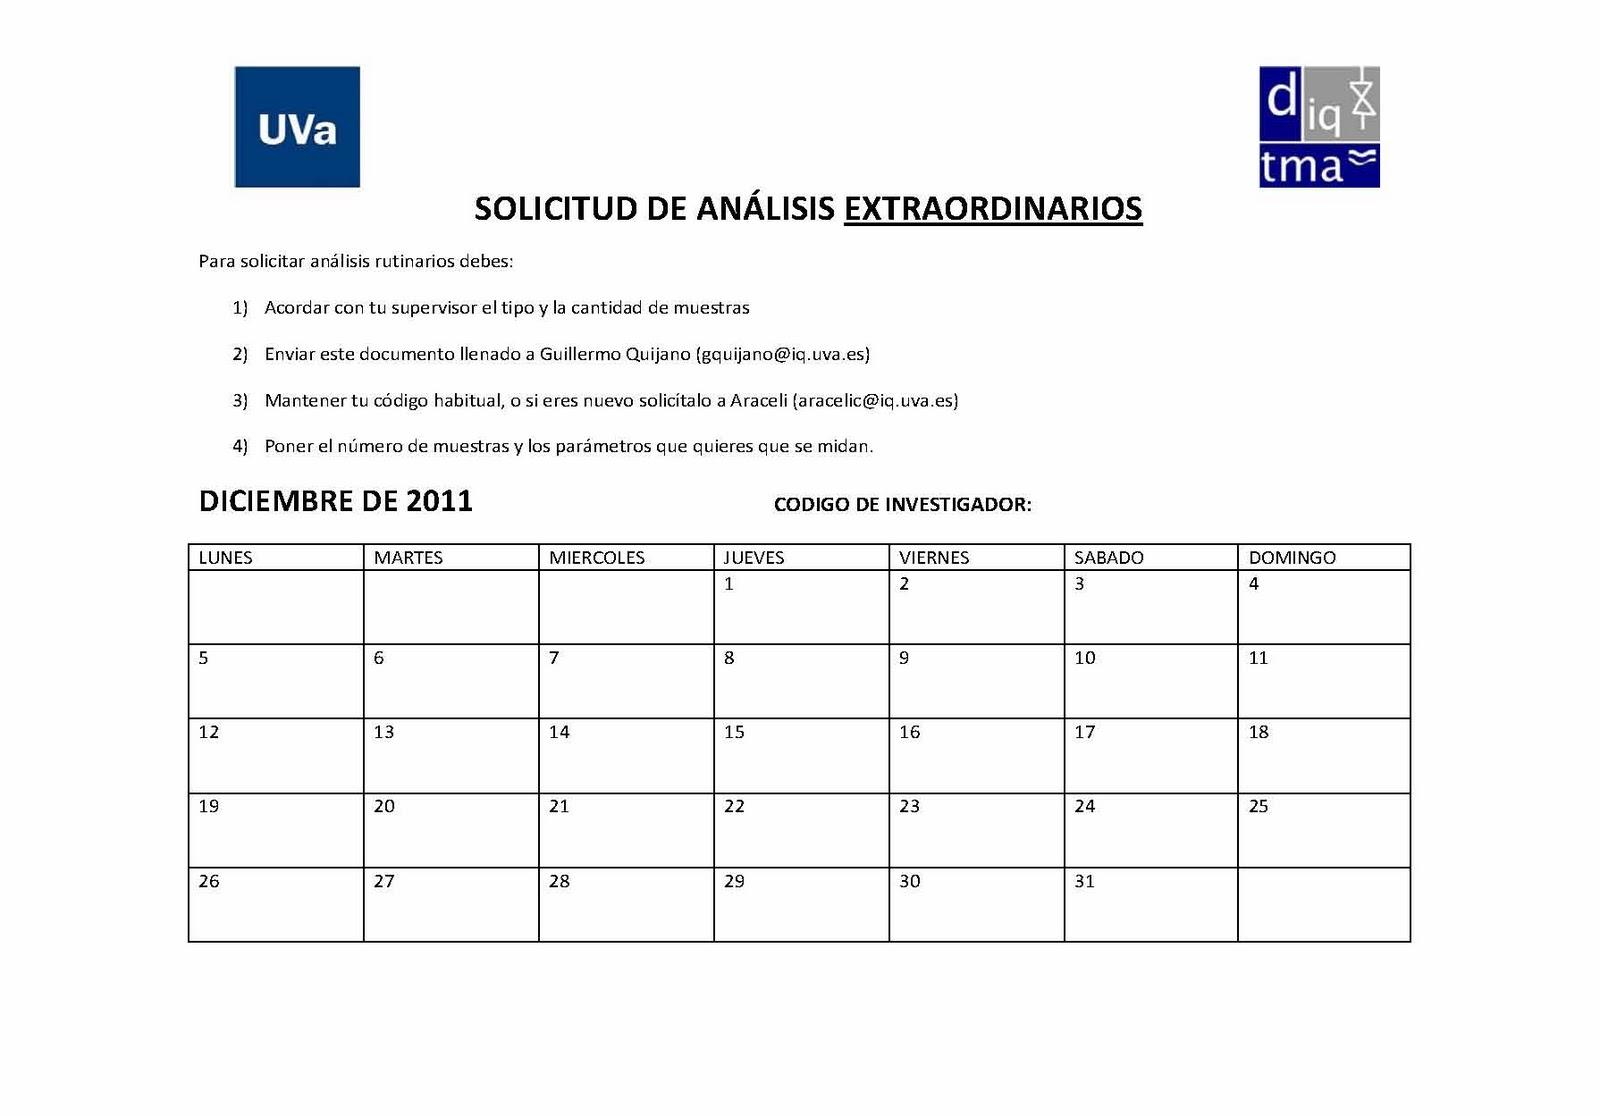 GIR Tecnología Ambiental - UVa: Análisis Extraordinarios Laboratorio ...